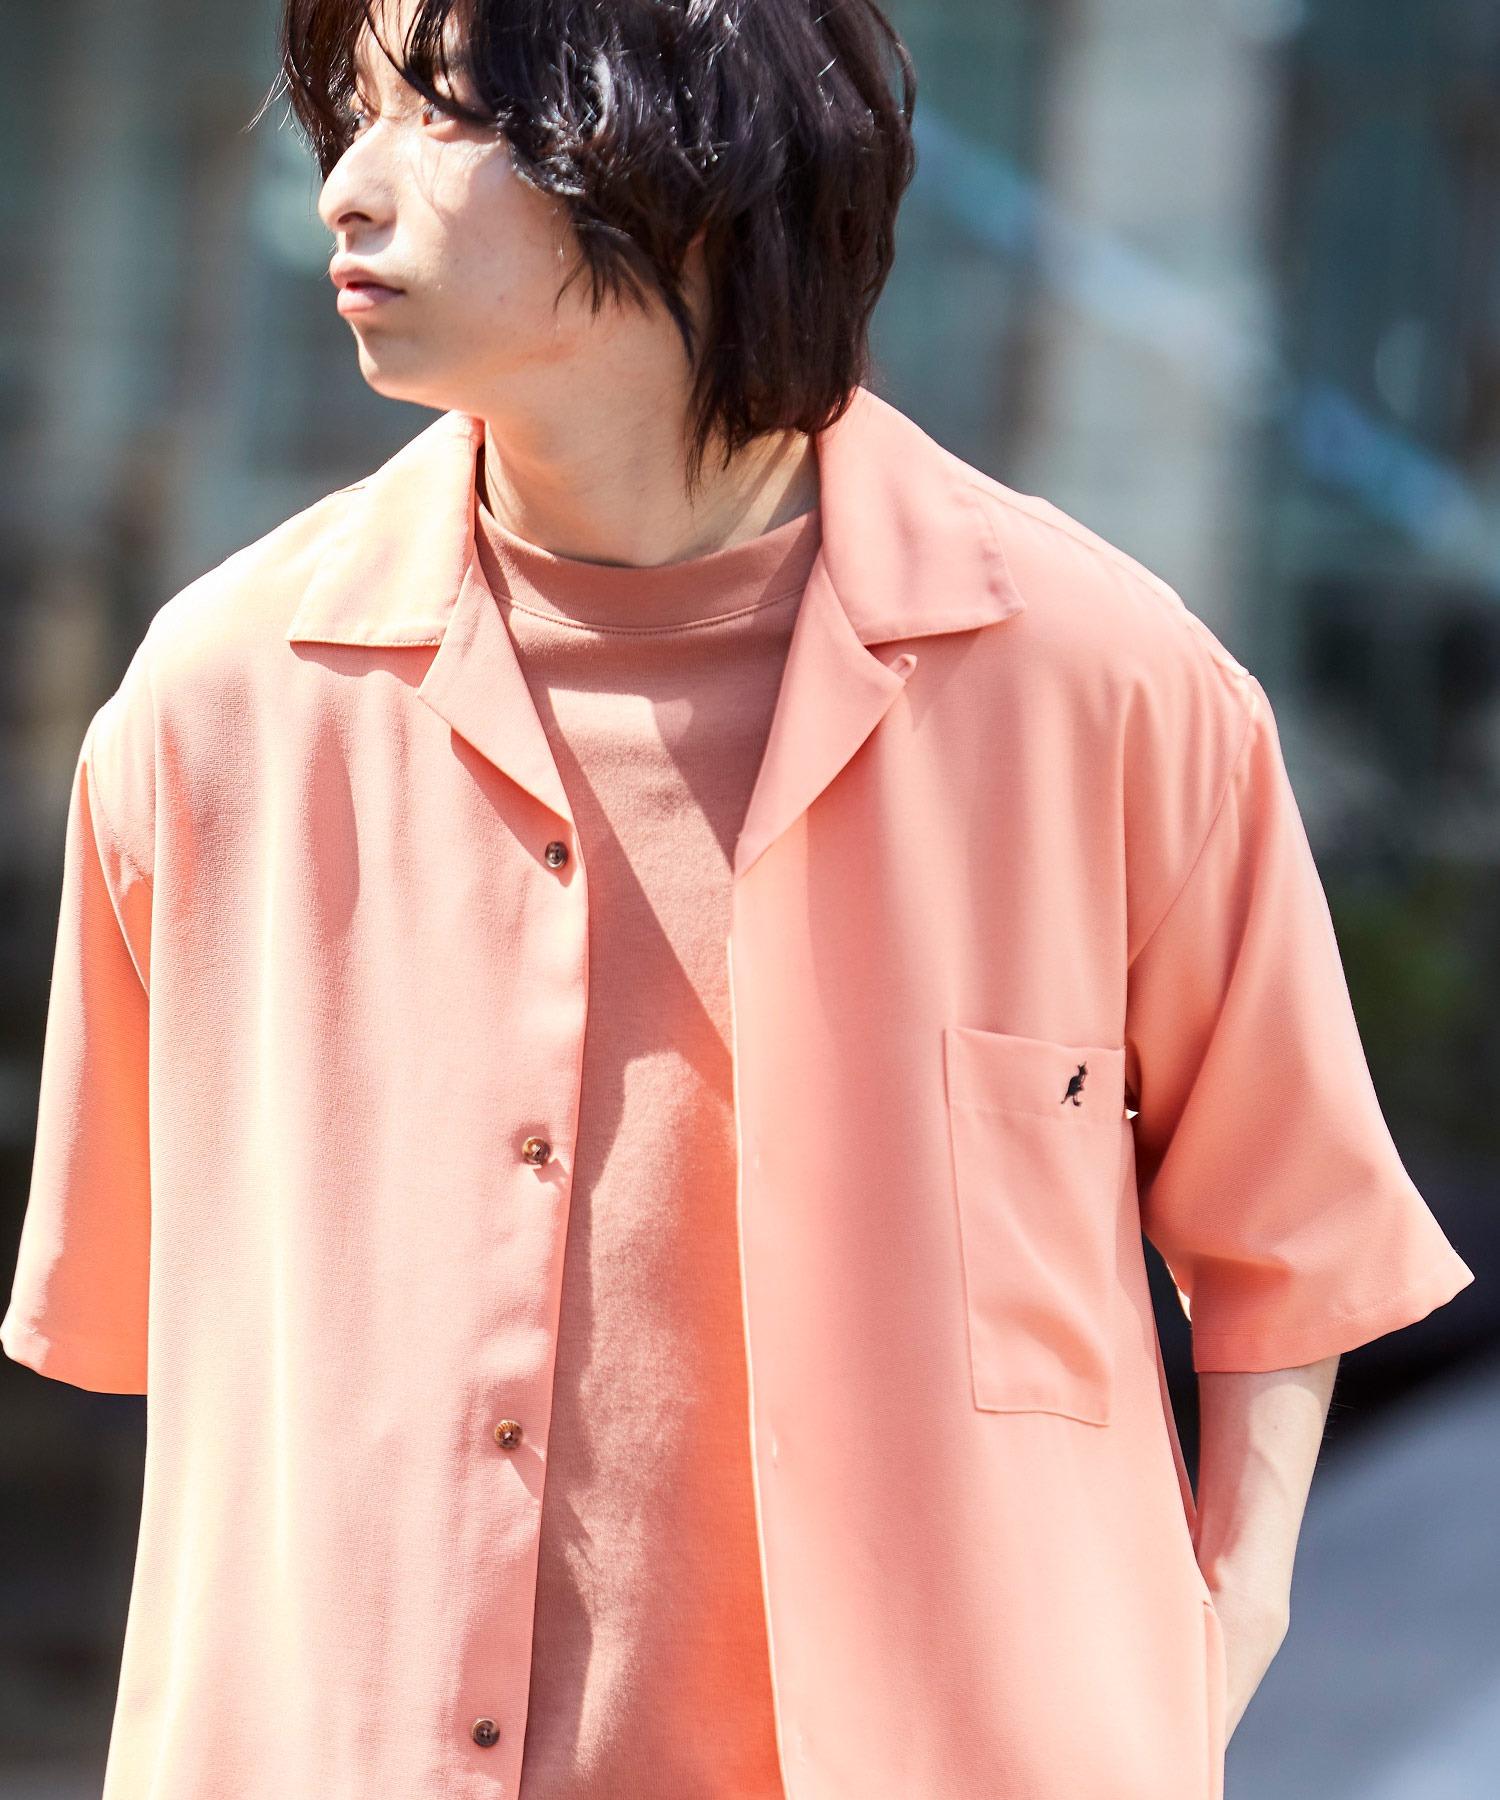 ▽WEB限定 KANGOL/カンゴール 別注 リラックスオープンカラーシャツ(1/2スリーブ) 2020